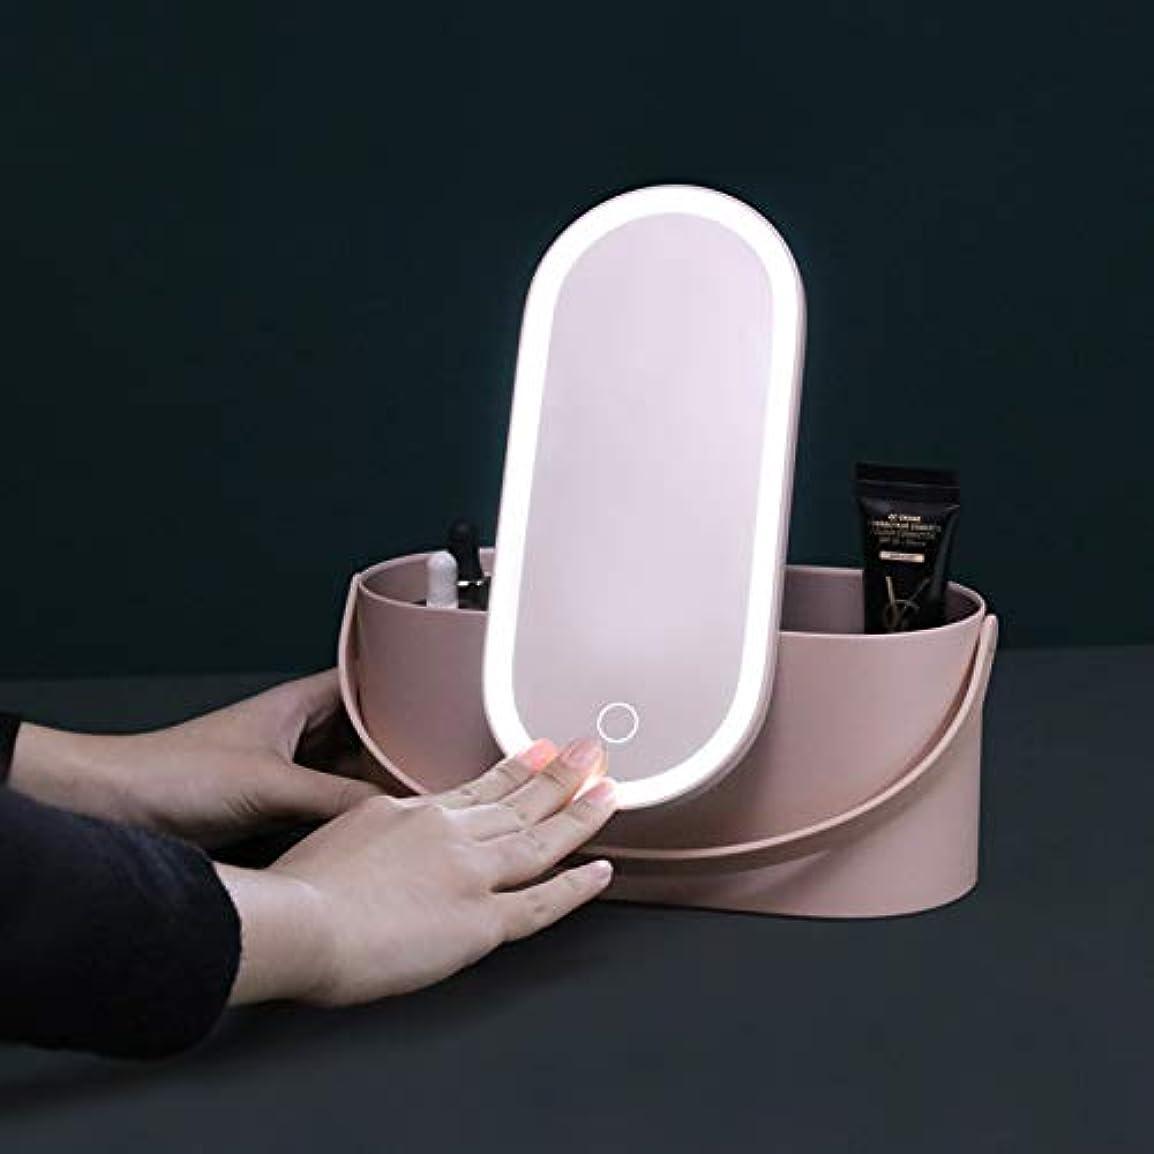 サッカー恩赦矢じりBelleLife 化粧鏡付きの便携式メイクボックス 鏡 卓上化粧品収納ボックス LEDライト付きミラー 明るさ調節可能 180度回転 USB 旅行中にいつでも化粧直し 鏡台として使える (ピンク)